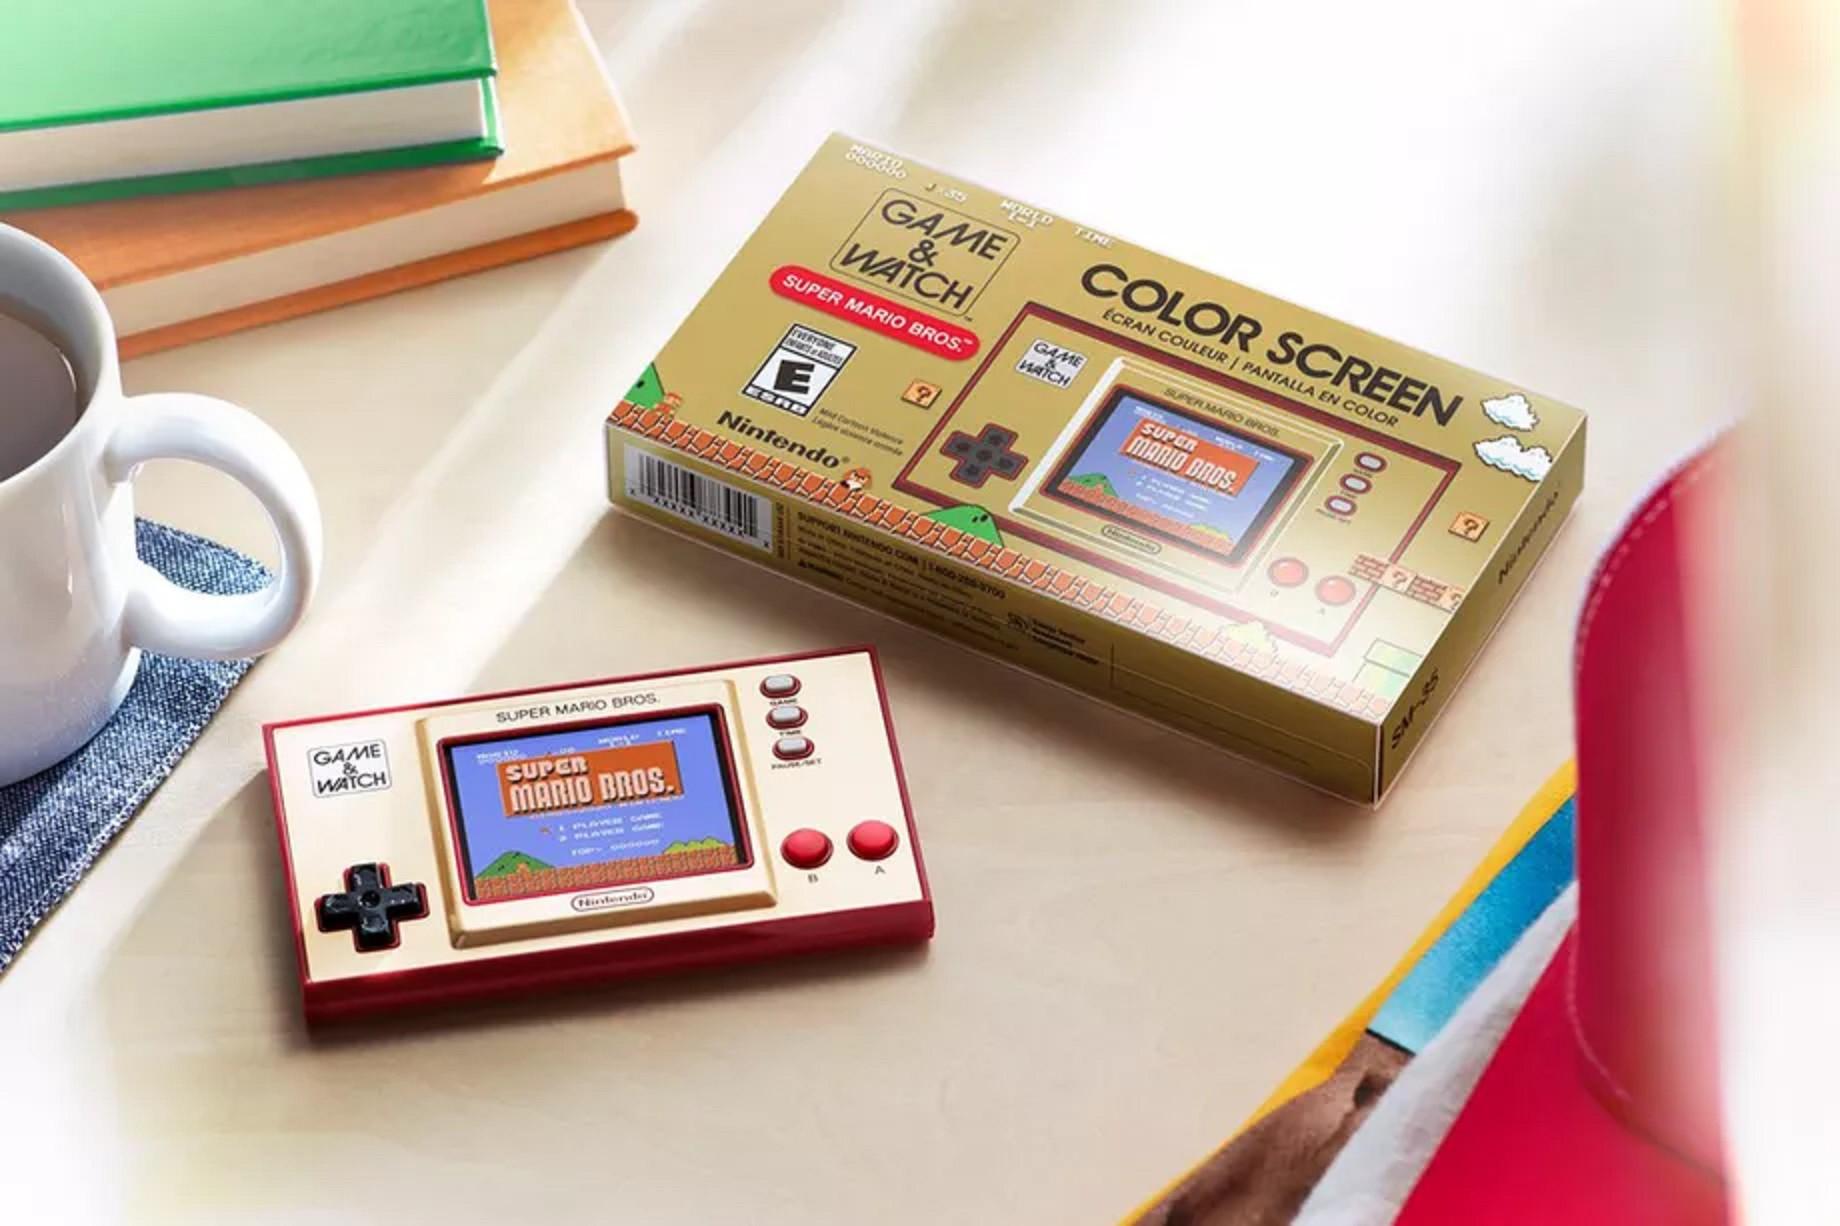 Nintendo Hadirkan Konsol Lawas Game & Watch, Lebih Segar - JPNN.com